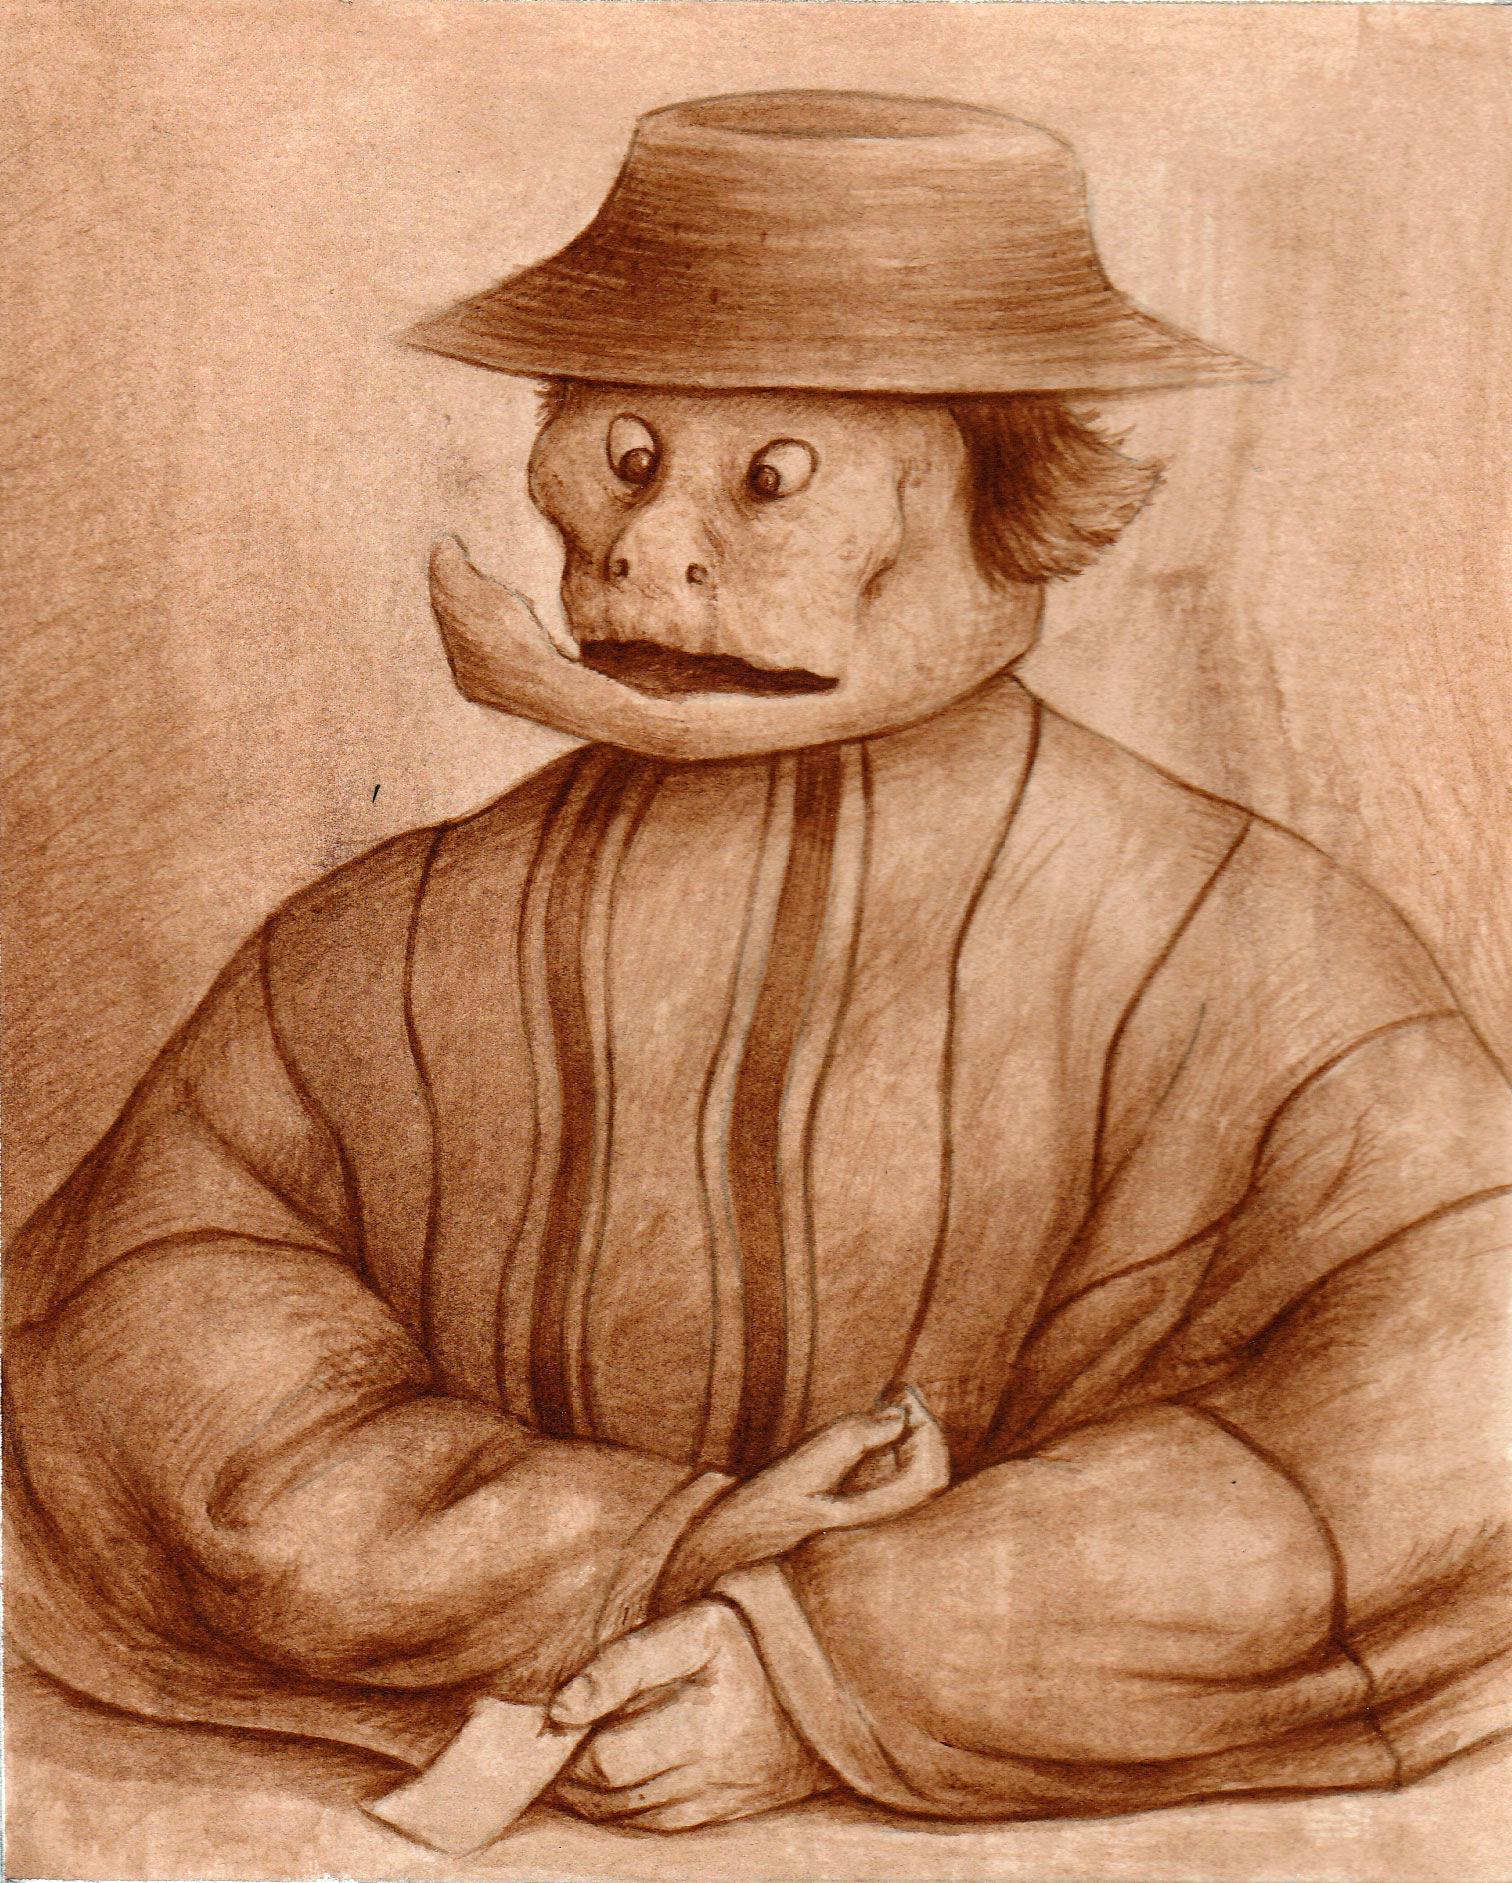 masque-chapeau-de-paille